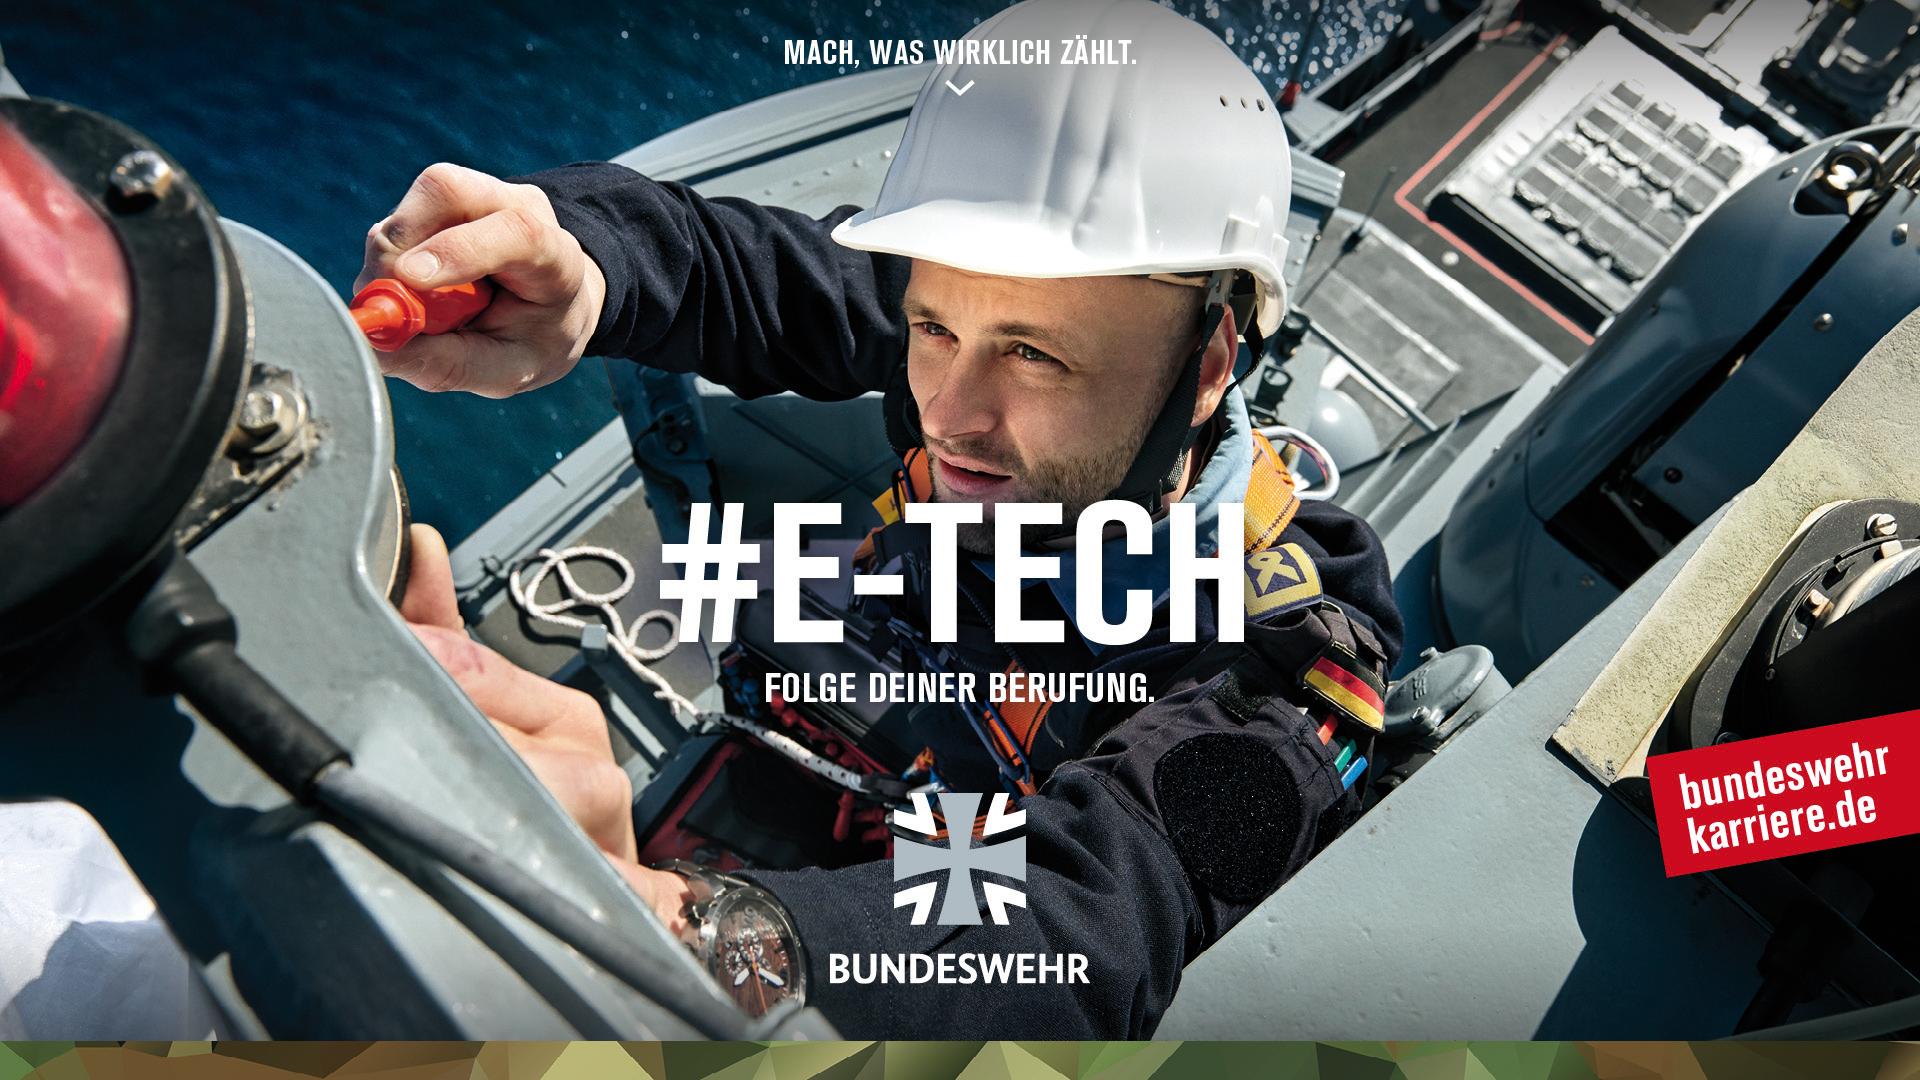 BW_Berufekampagne_16_9_16.jpg – Karriereberatungsbüro der Bundeswehr Aurich